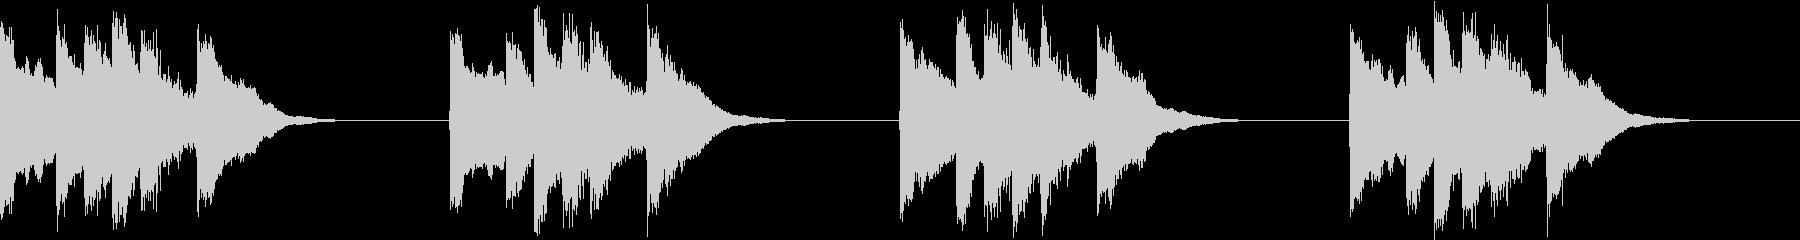 シンプル ベル 着信音 チャイム A12の未再生の波形